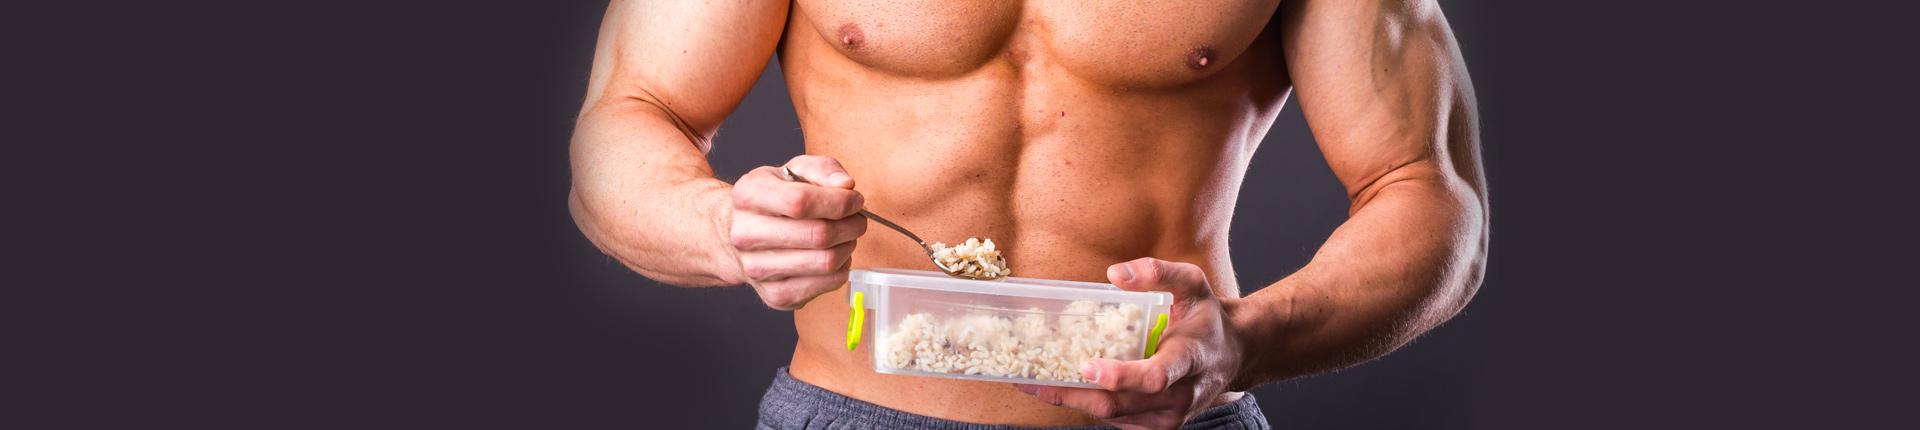 Jak ważny jest posiłek potreningowy